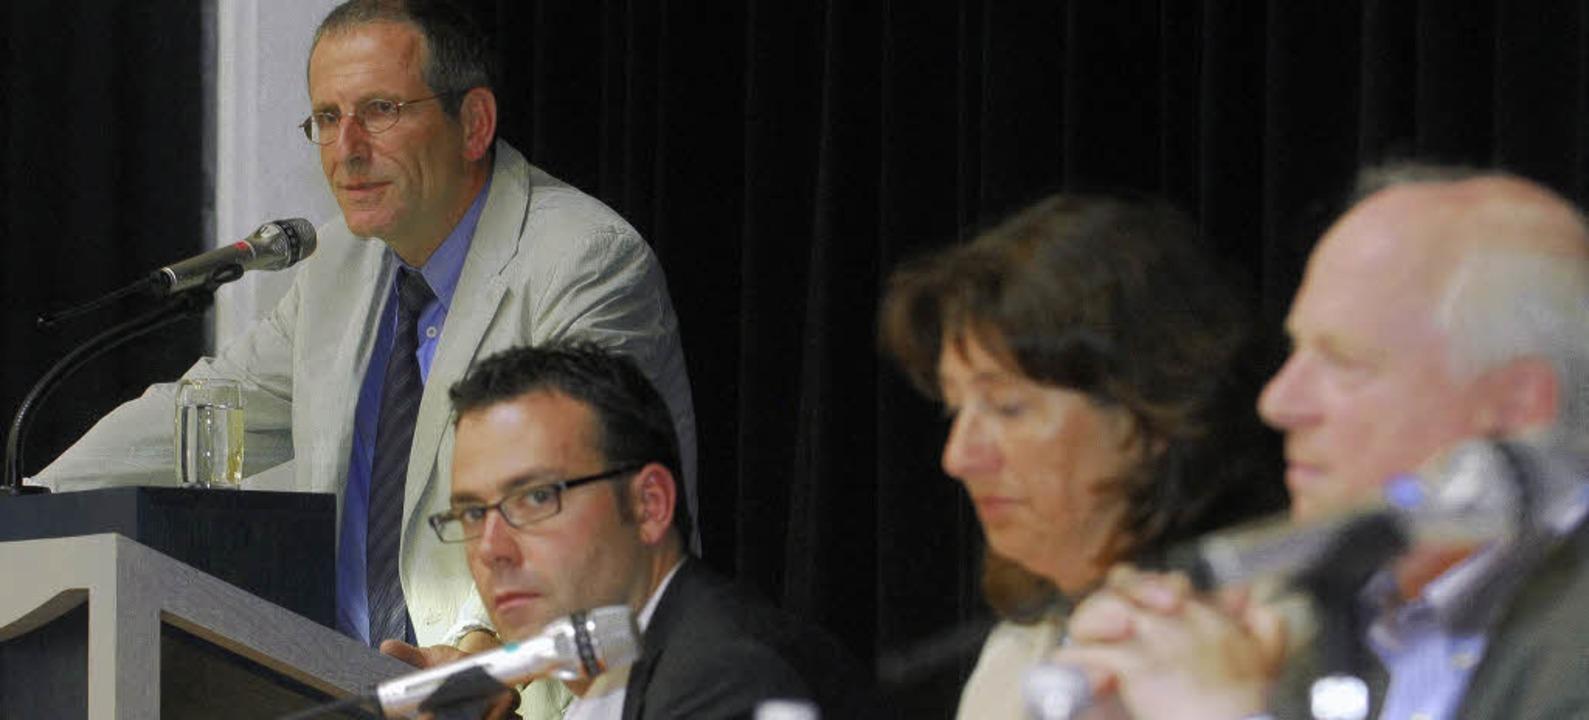 Eine Person als Programm: Wolfgang Alb...nerpult, das Tagungspräsidium hört zu.  | Foto: bamberger